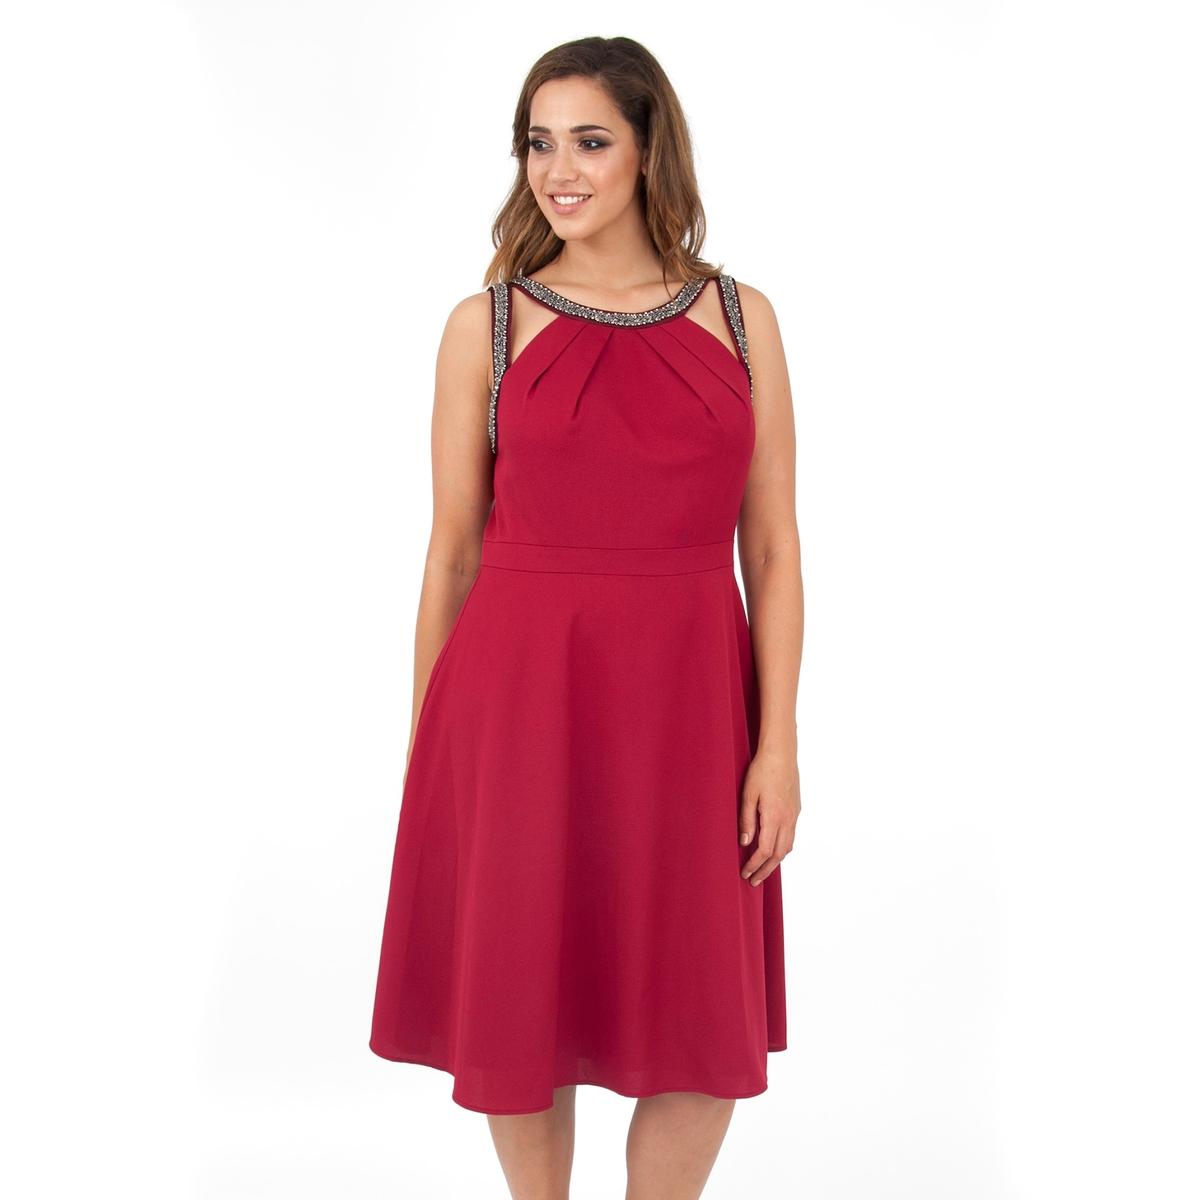 ПлатьеПлатье без рукавов - KOKO BY KOKO. Платье красивого малинового цвета. Вырез расшит бусинами спереди, V-образный вырез сзади. Длина ок.104 см. 100% полиэстера.<br><br>Цвет: бордовый<br>Размер: 58/60 (FR) - 64/66 (RUS).54/56 (FR) - 60/62 (RUS)